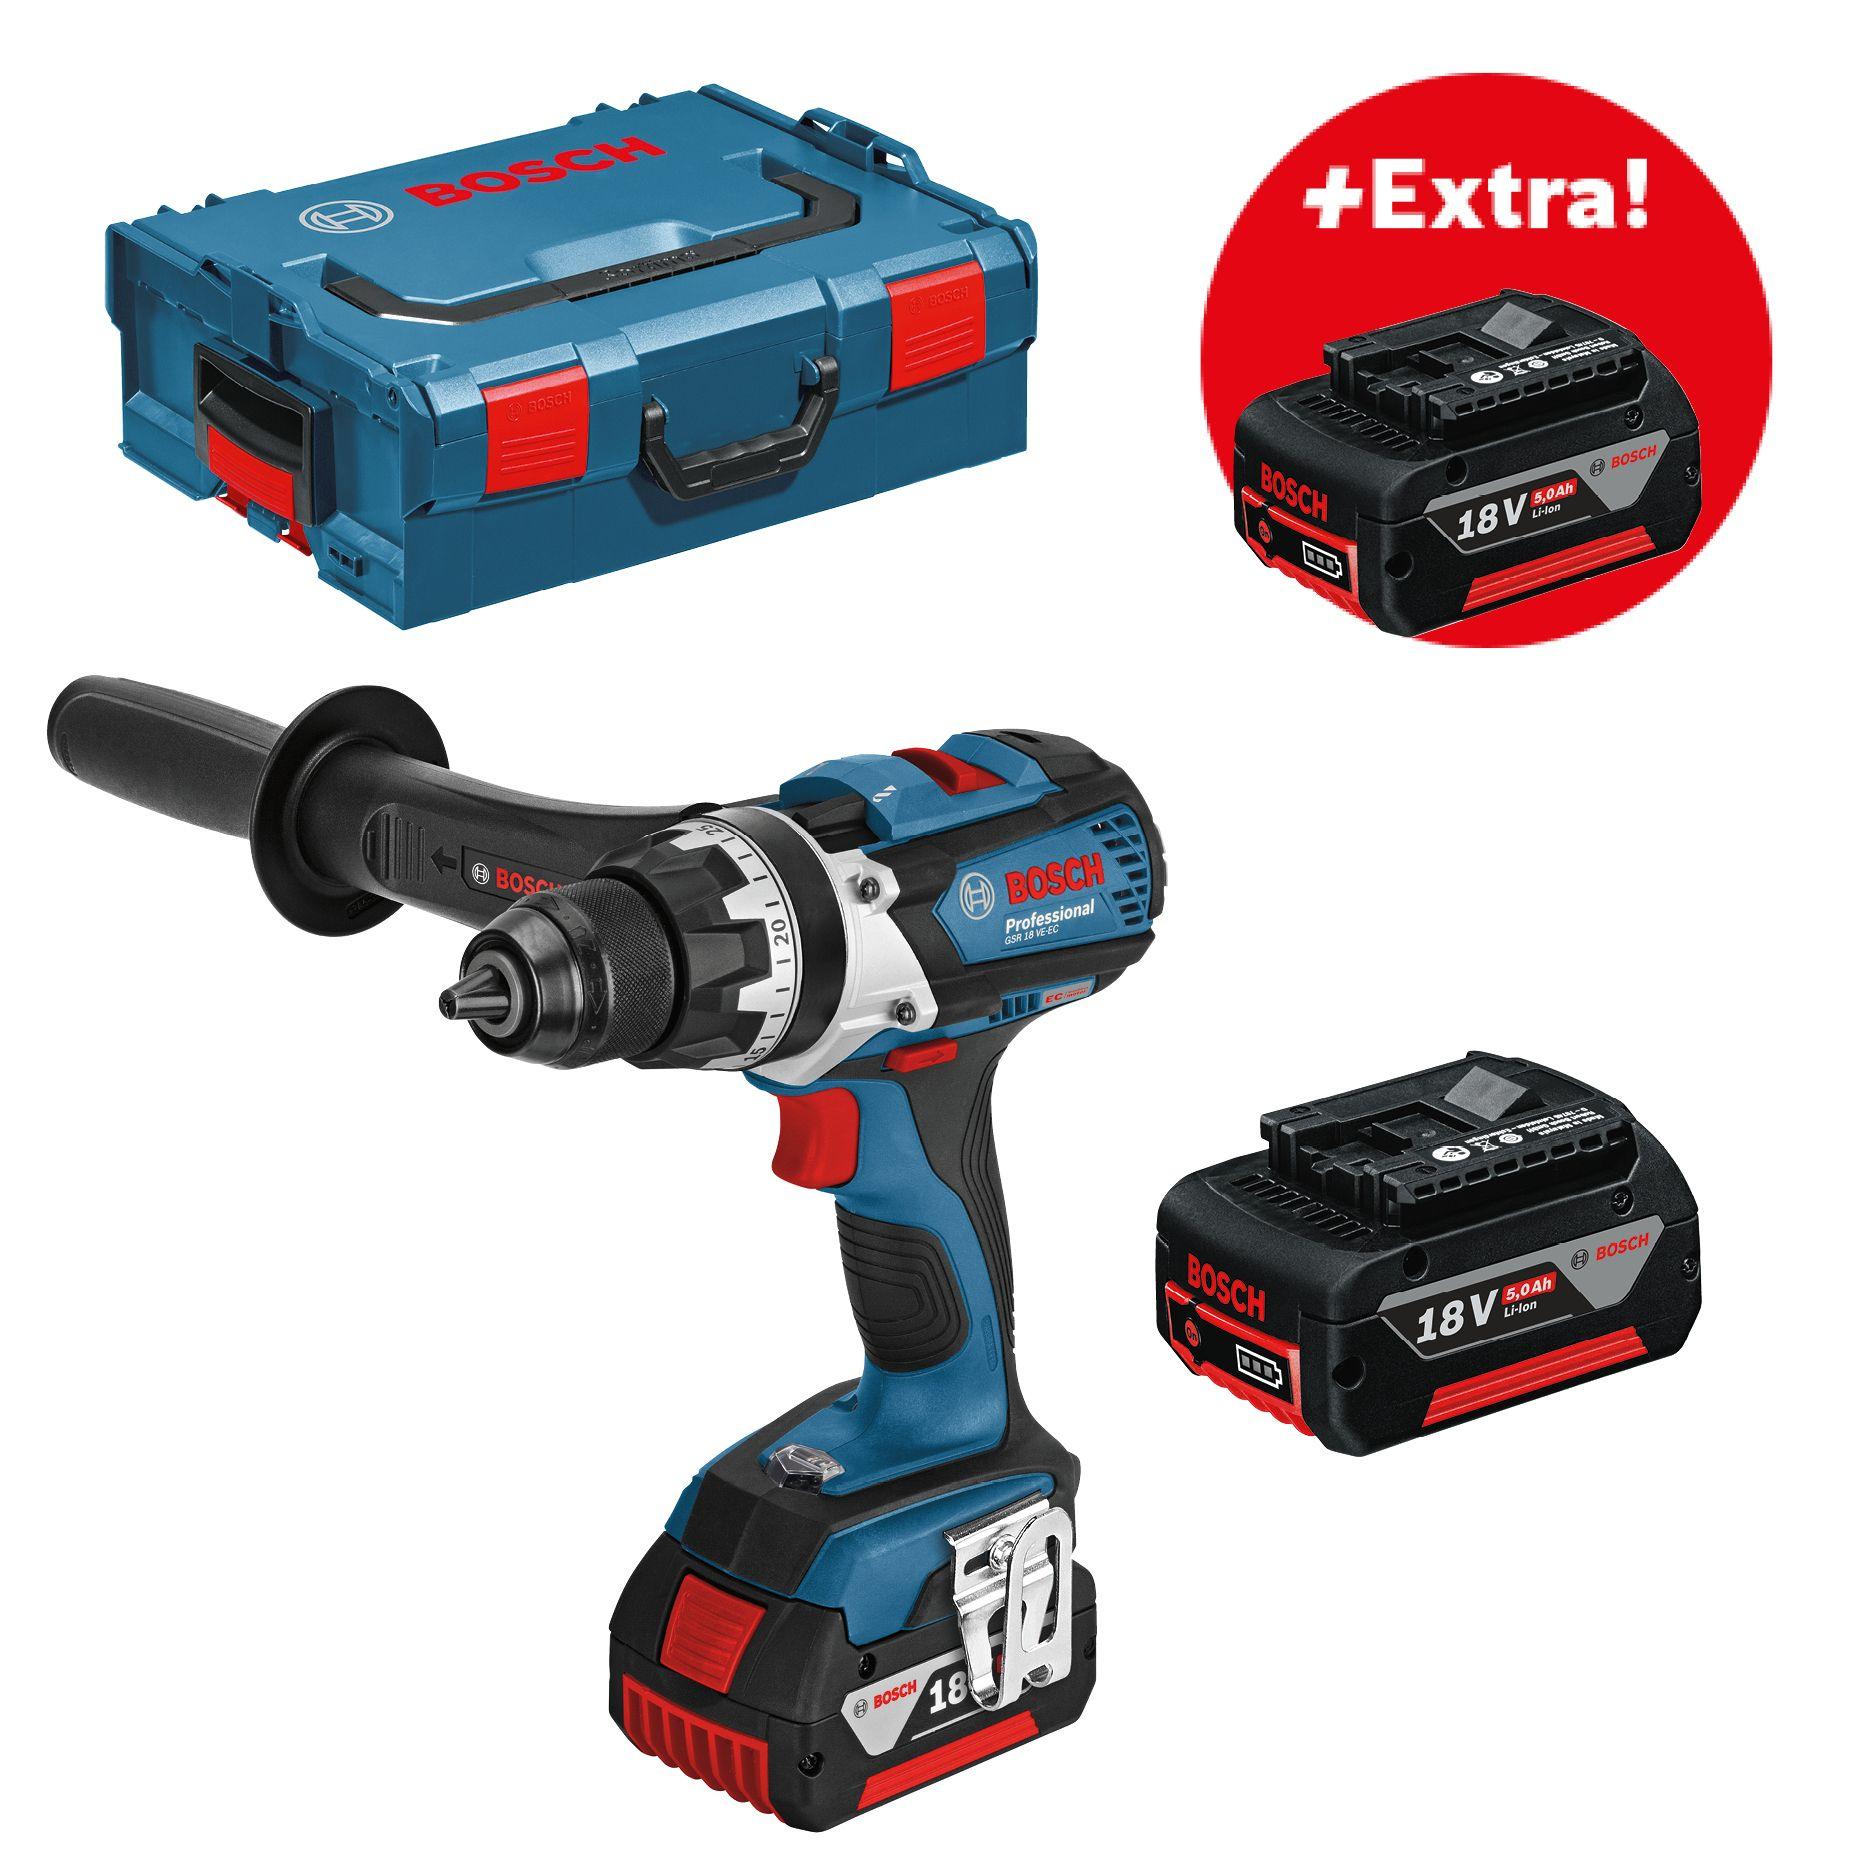 Aku vrtací šroubovák 18V 3x5,0Ah Bosch GSR 18 VE-EC Professional, BOSCH, 06019F1102